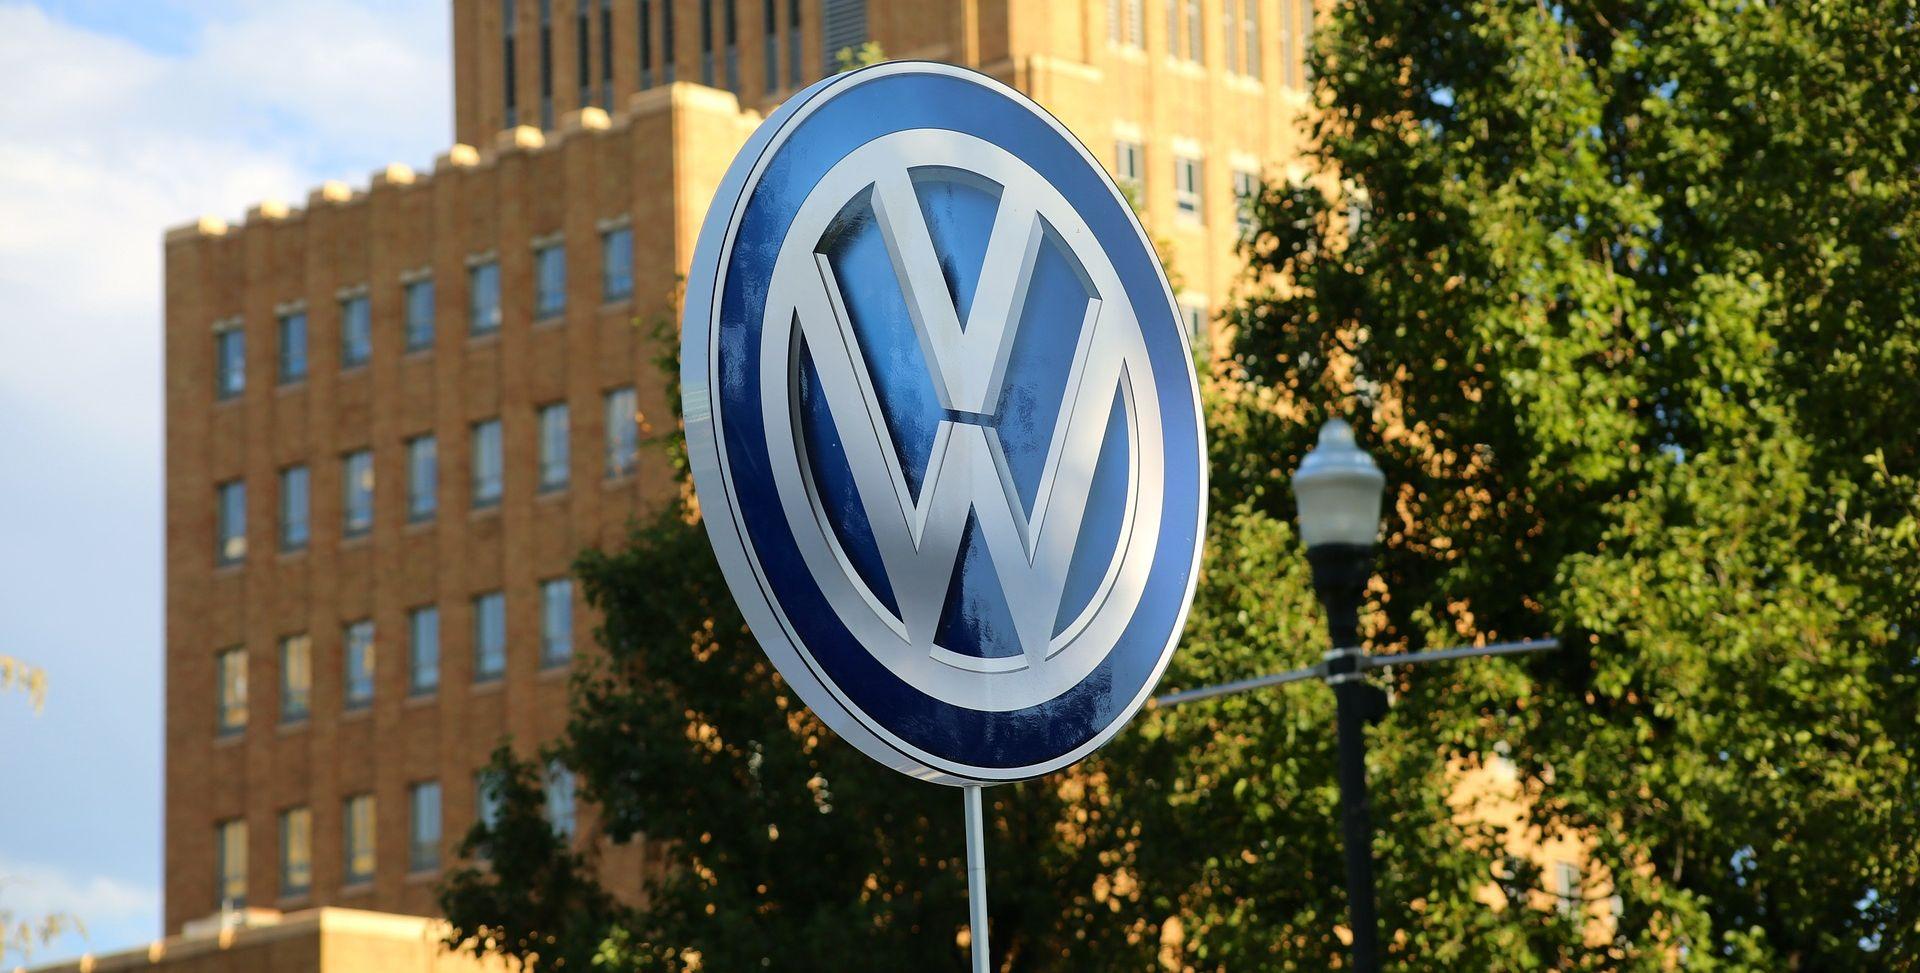 Njemački političari strahuju za radna mjesta u VW-u zbog američke tužbe